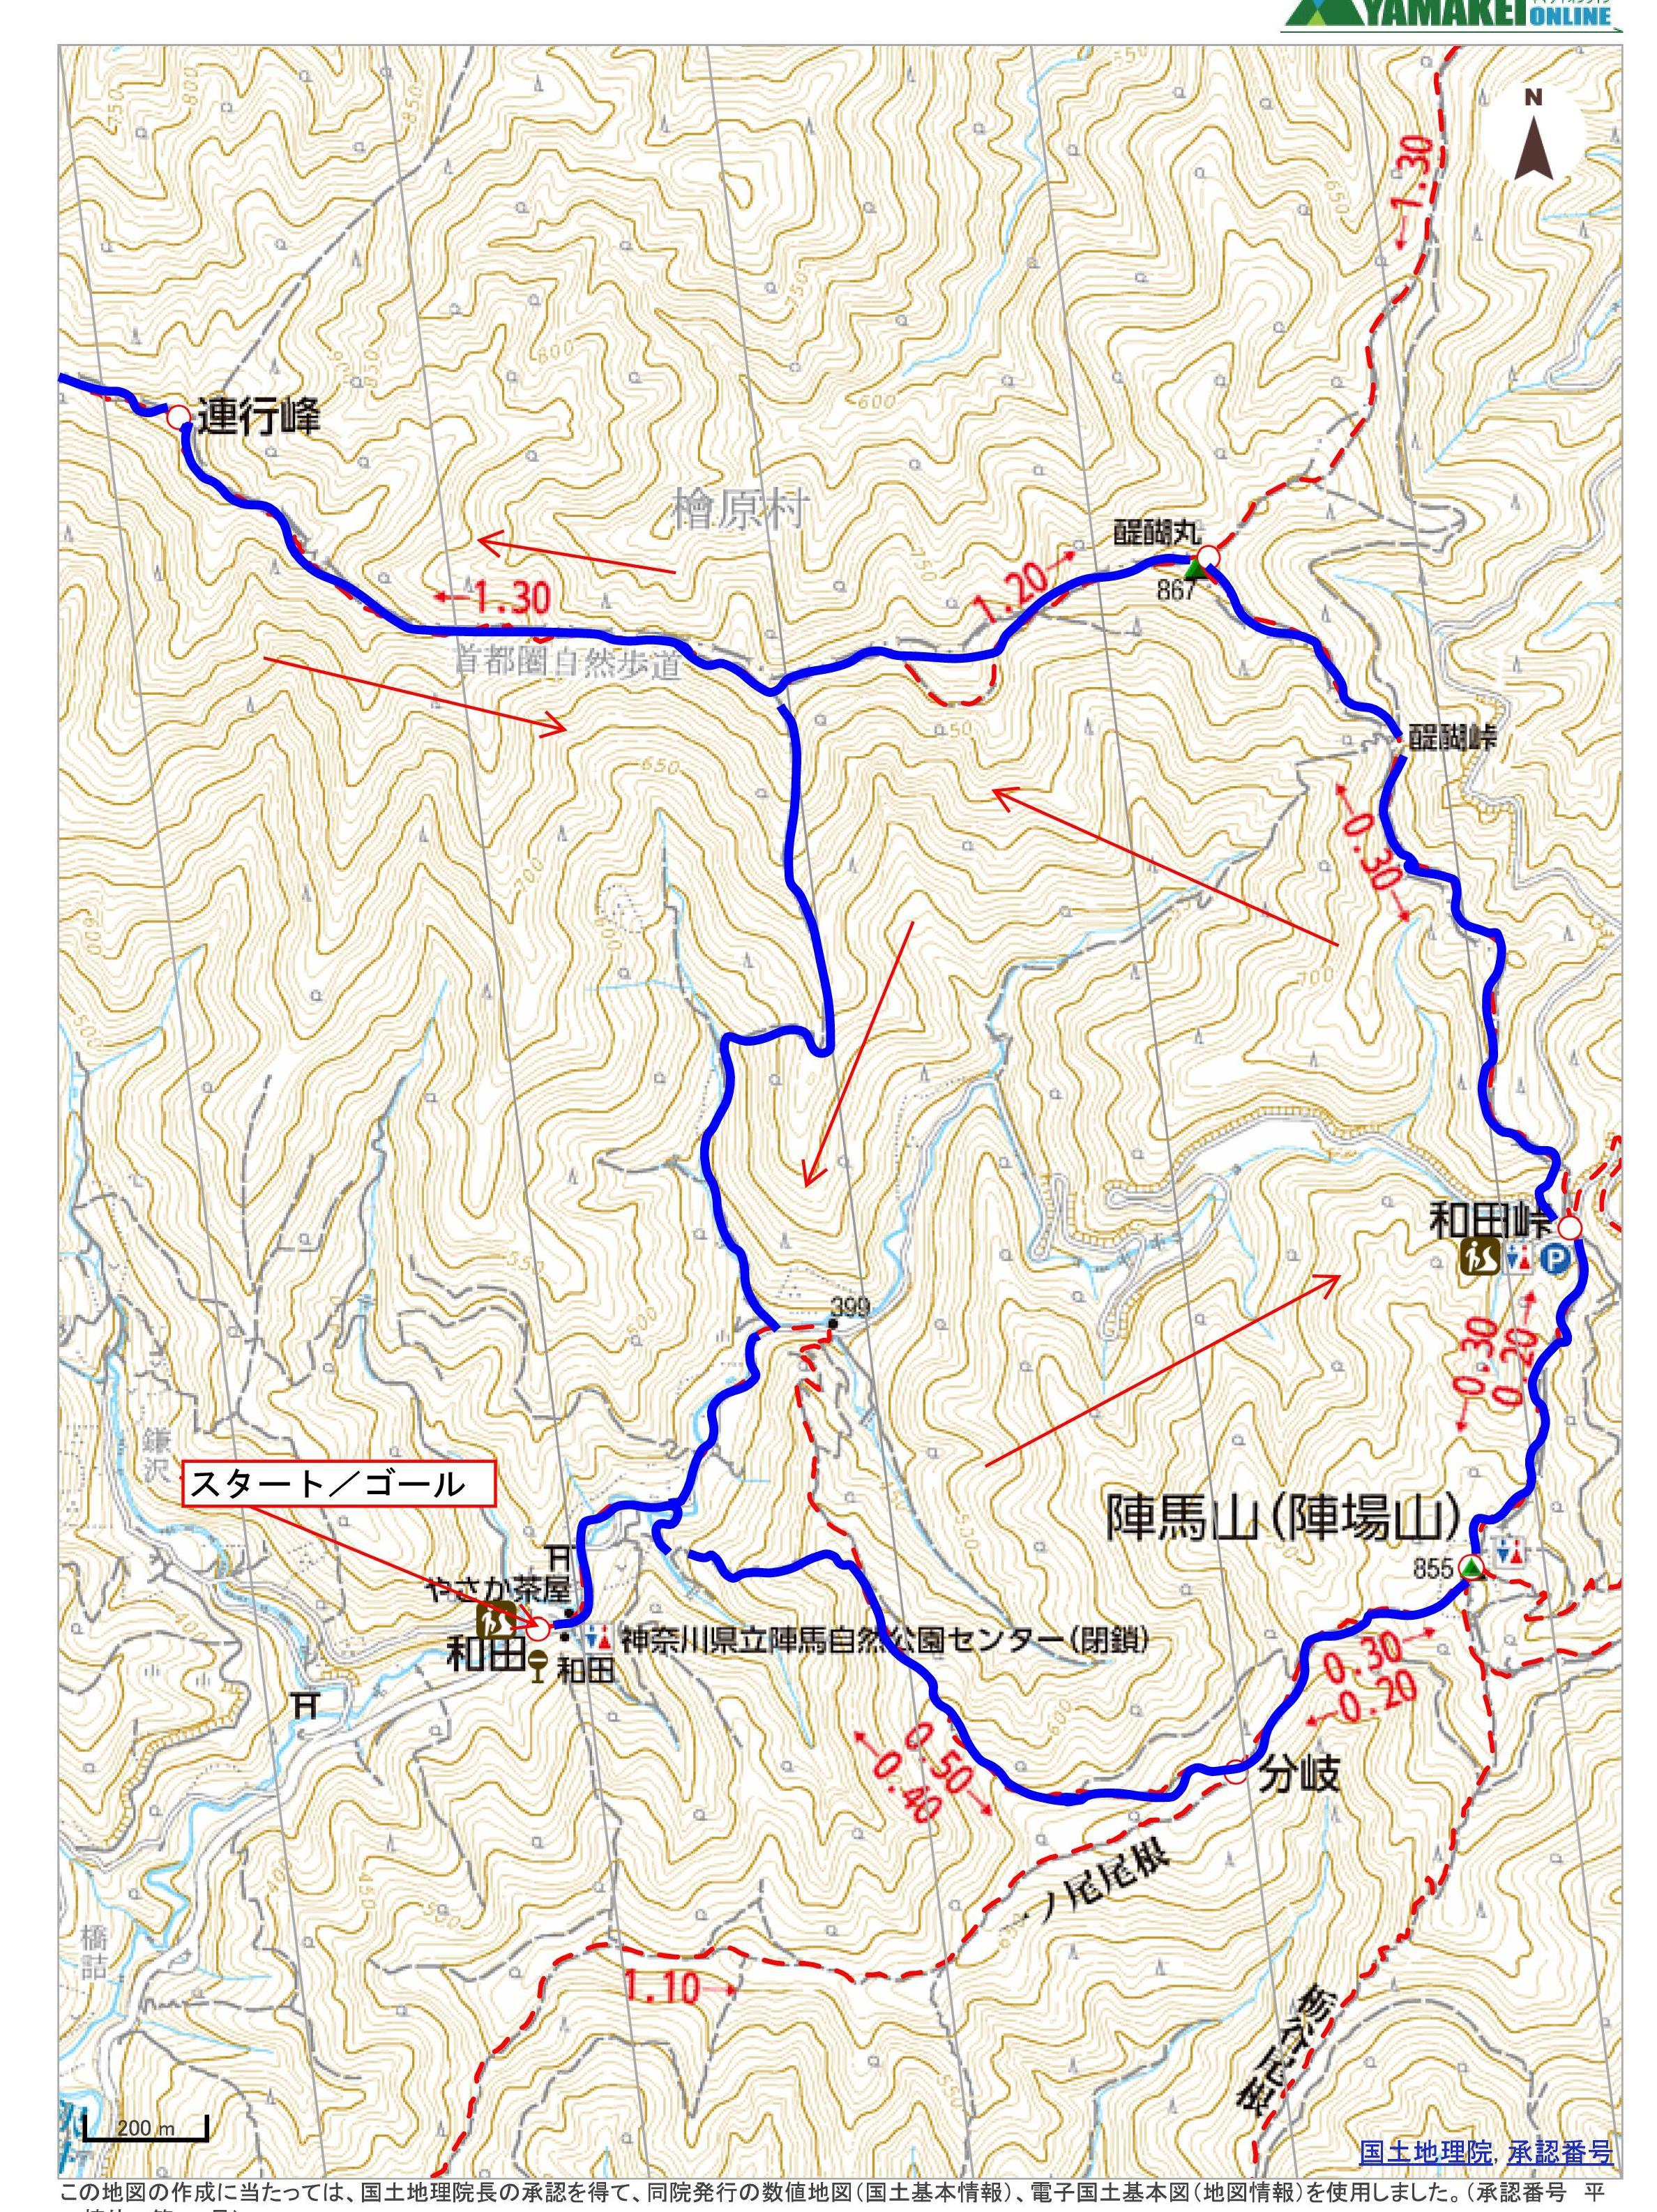 1-登山地図&計画マネージャ「ヤマタイム」1